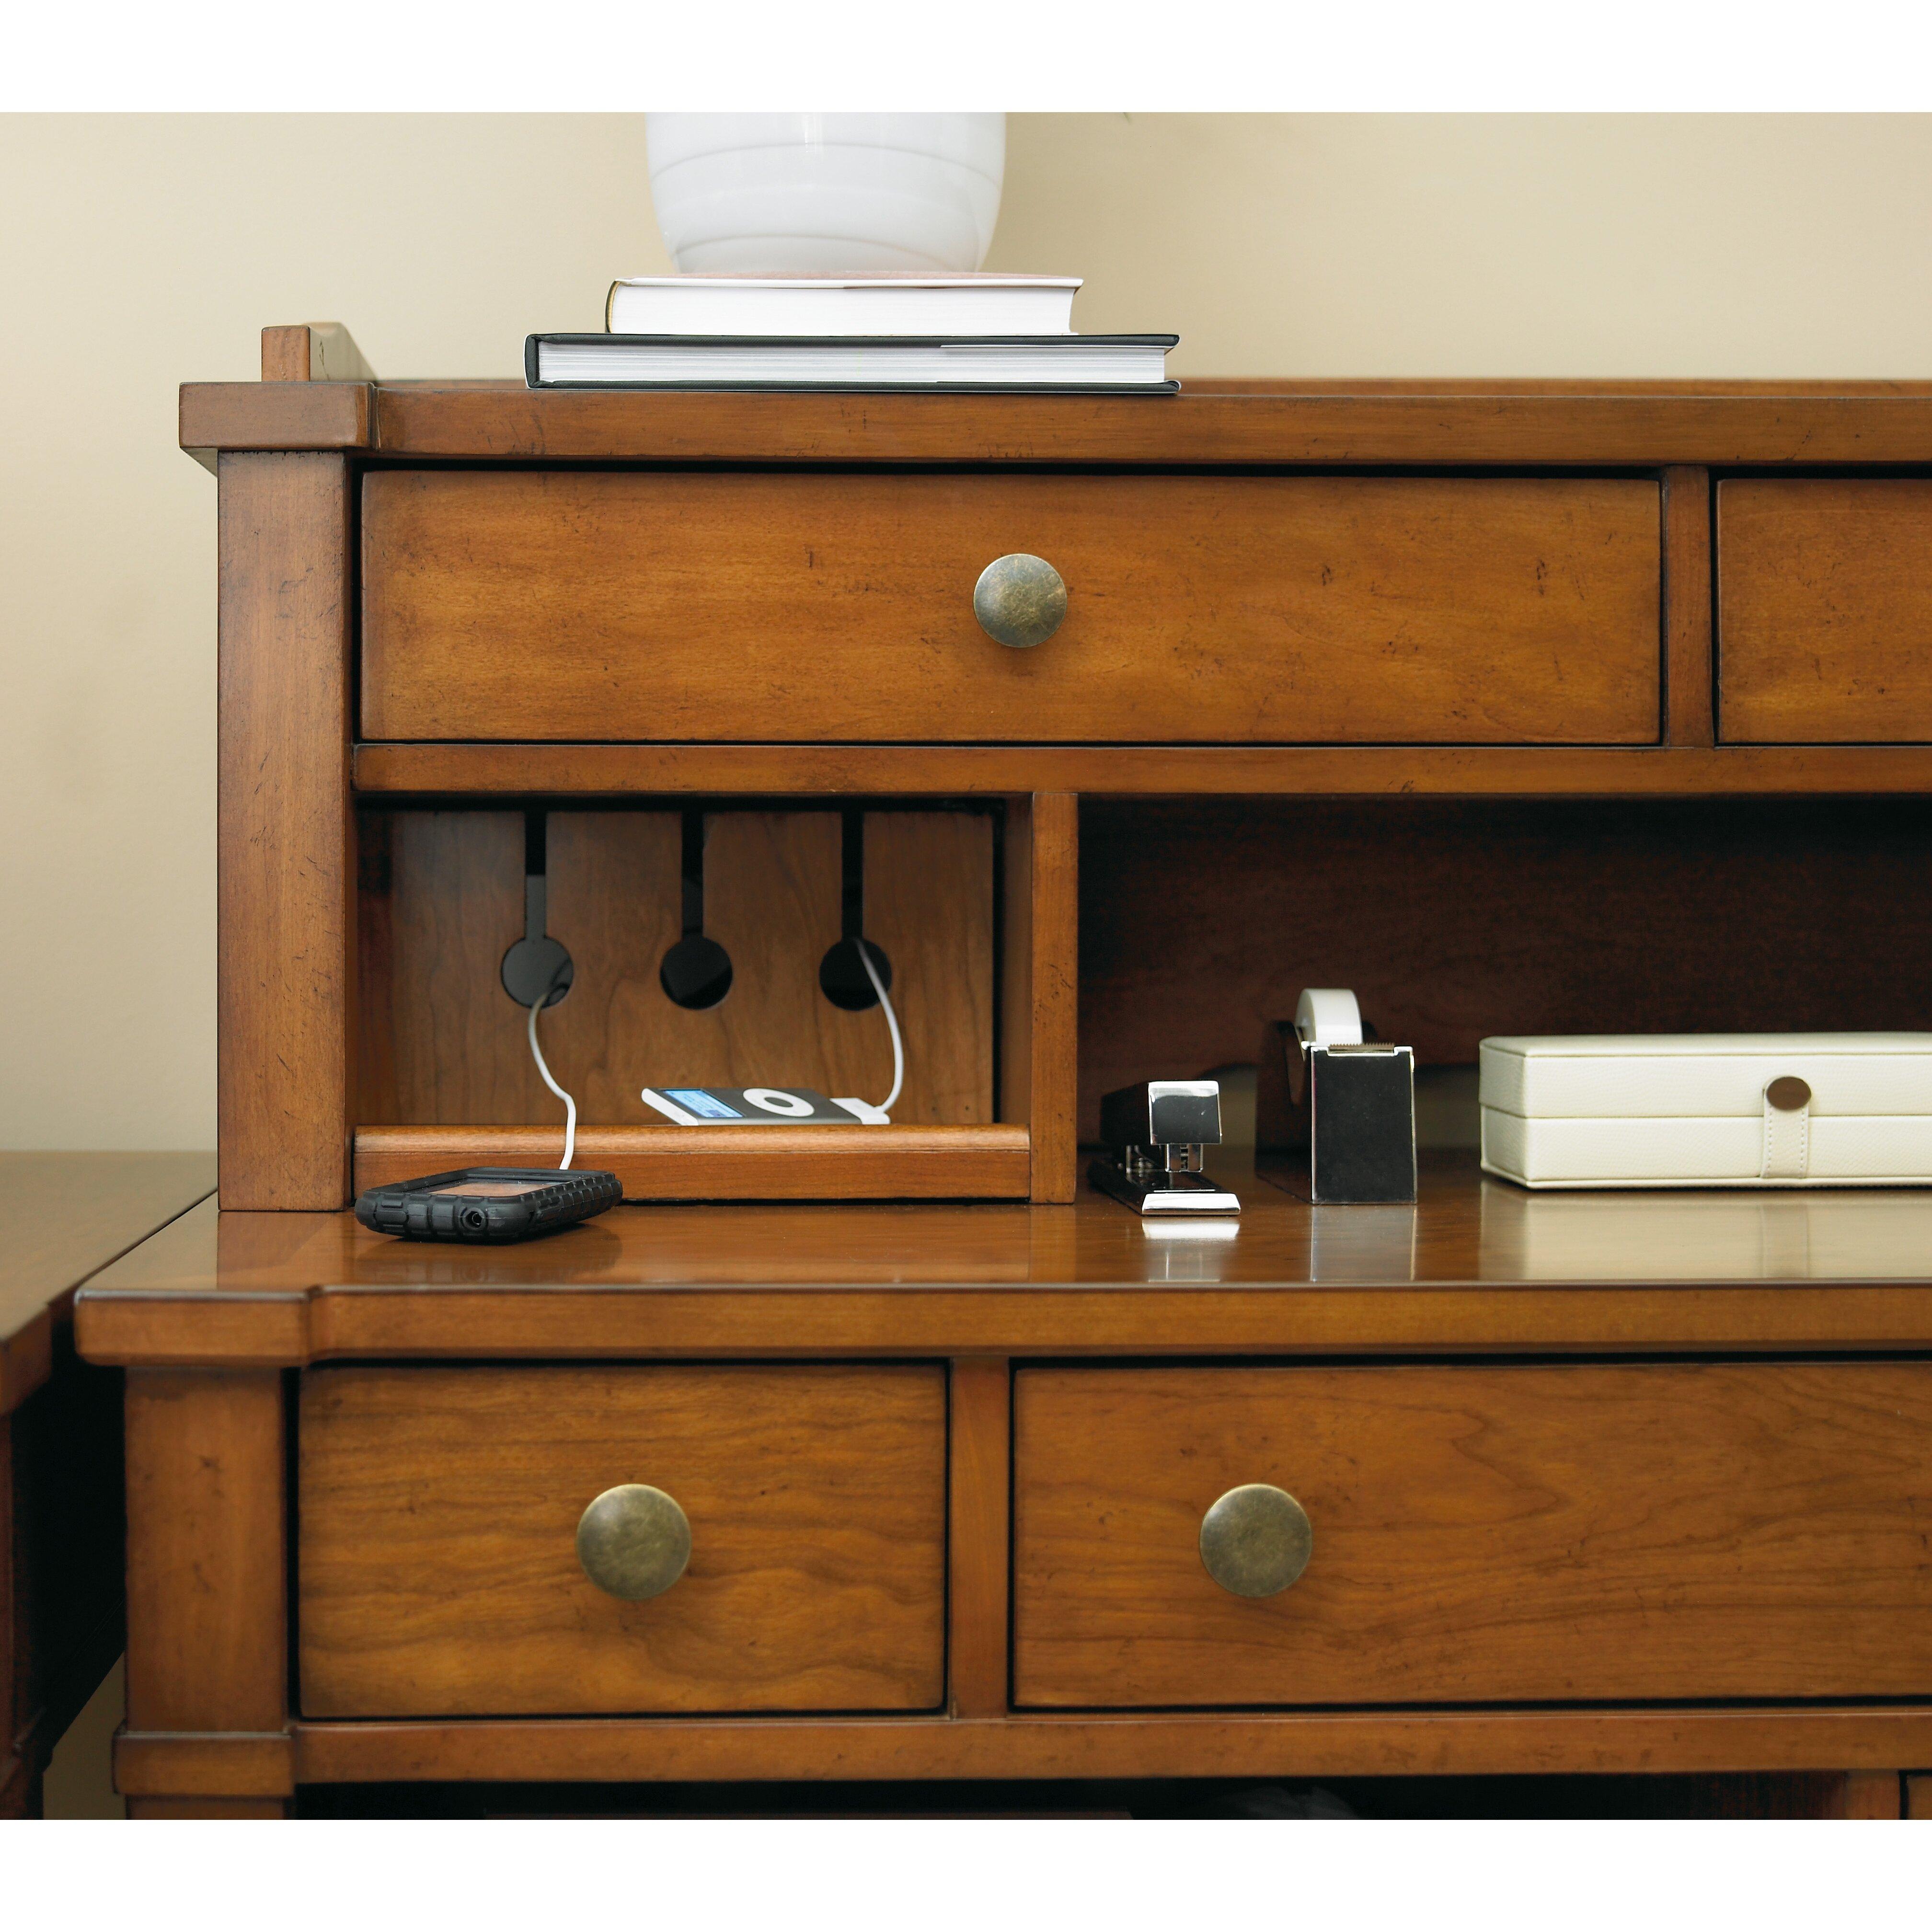 Hooker Furniture Abbott Place Smart Hutch Reviews Wayfair Supply